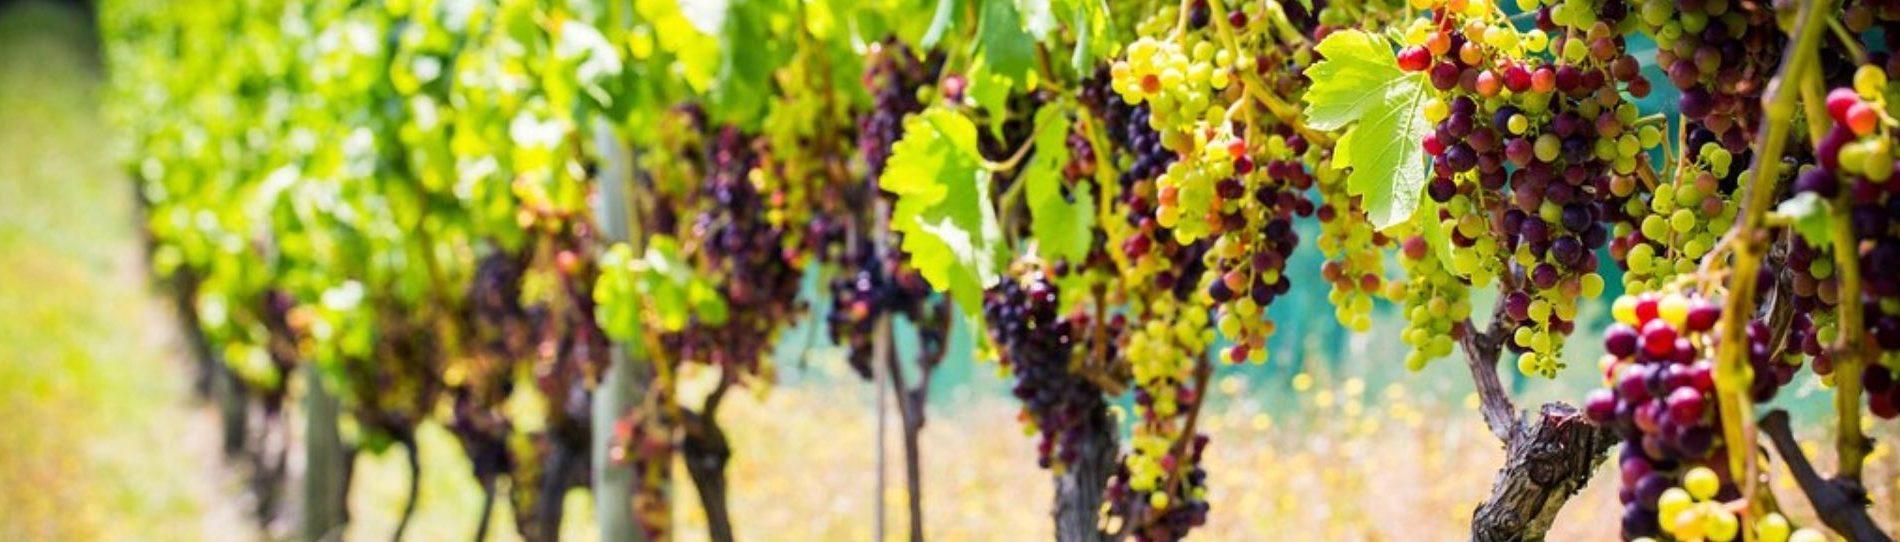 tauranga bucks winery tour nz